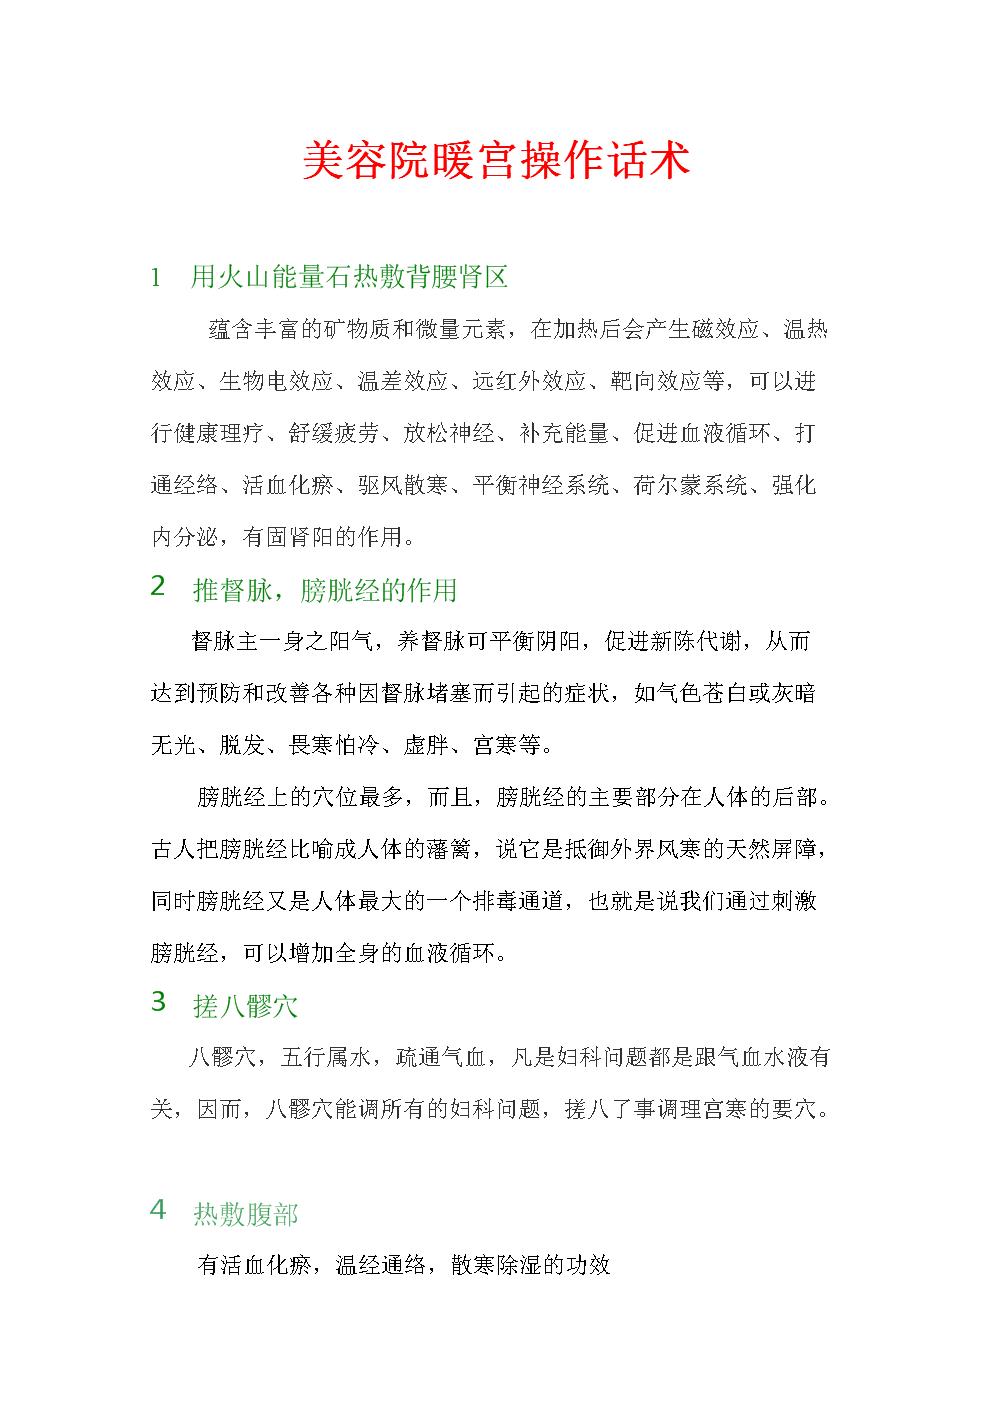 美容院暖宫操作话术.docx